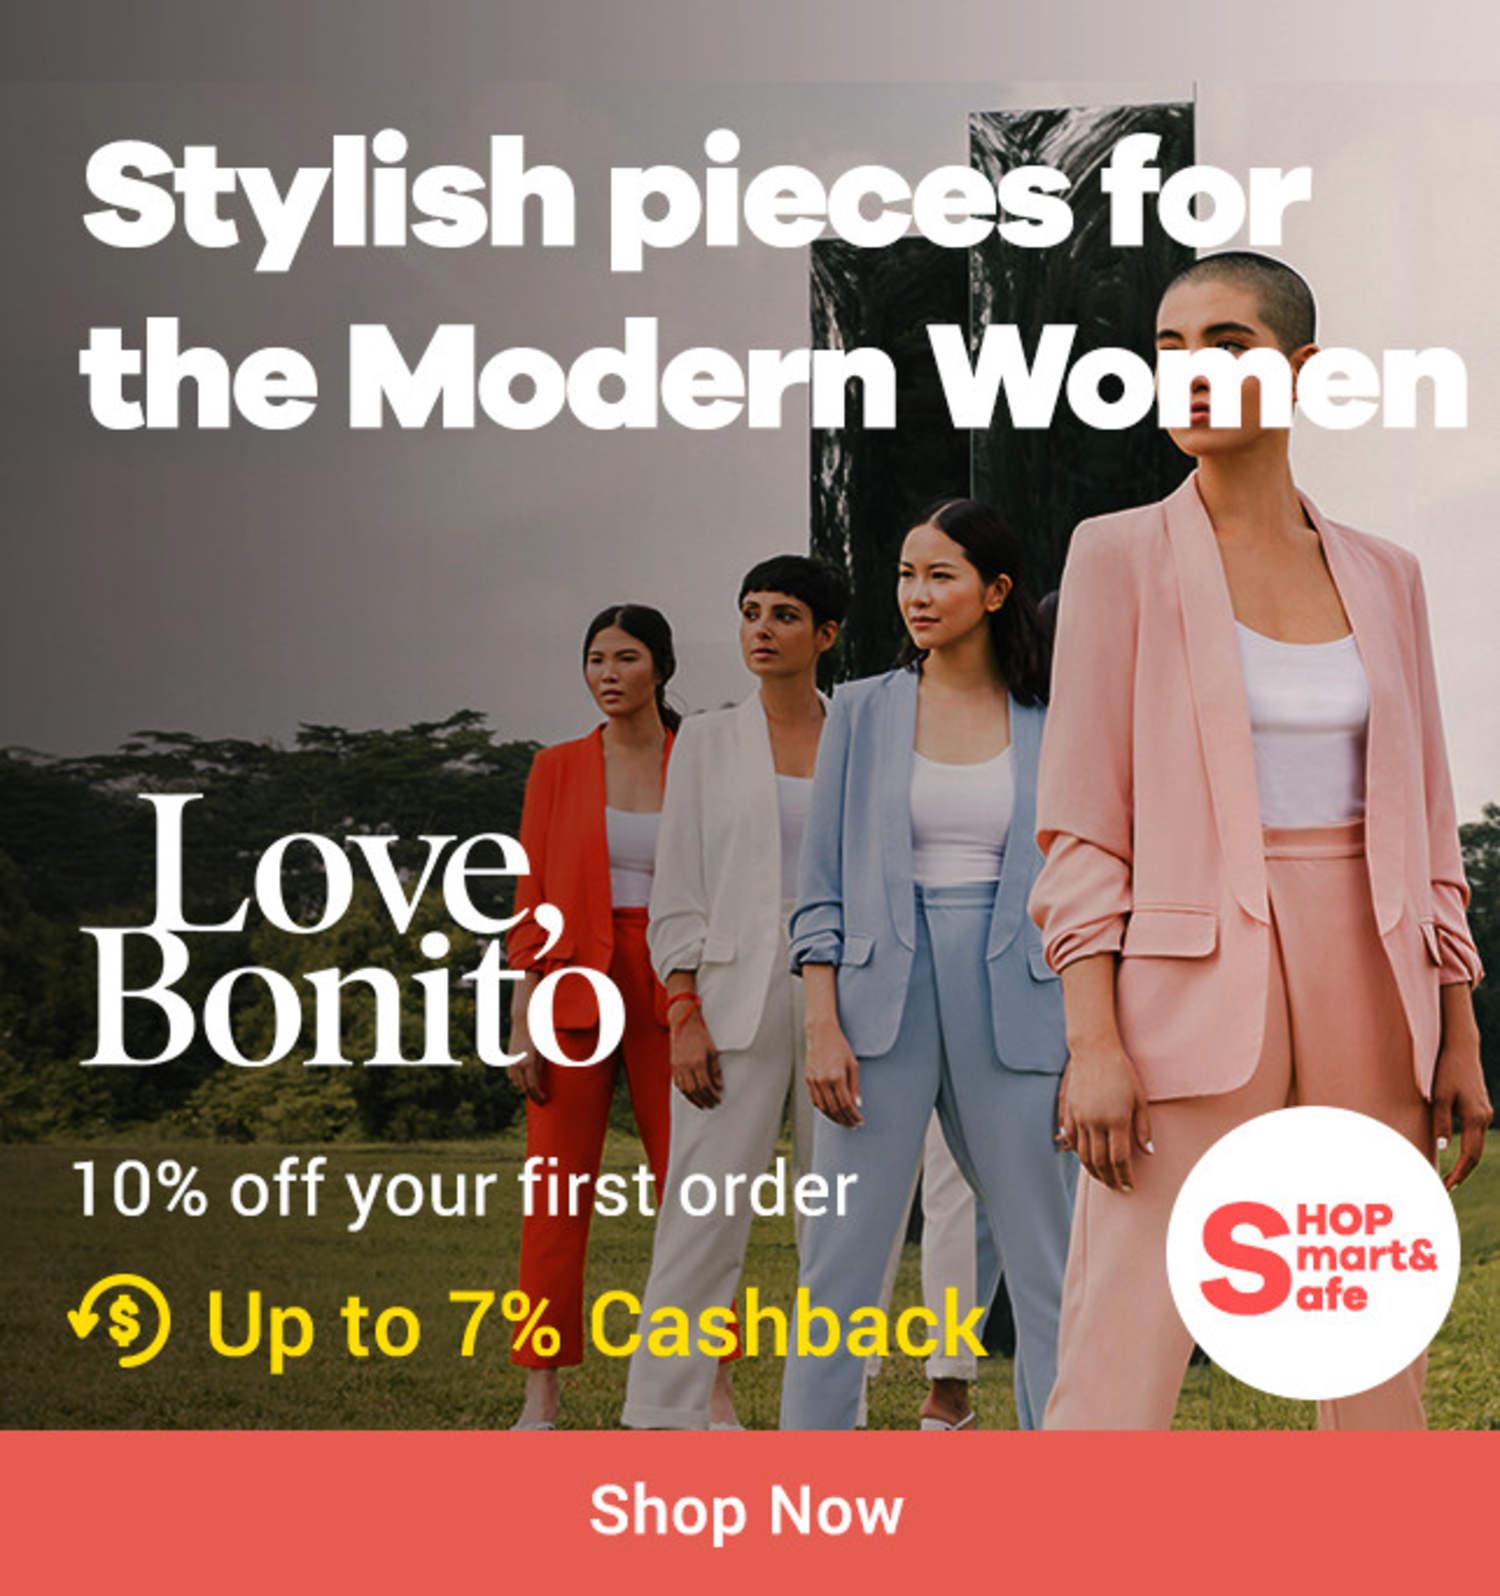 Love Bonito: Find your unique fashion edit